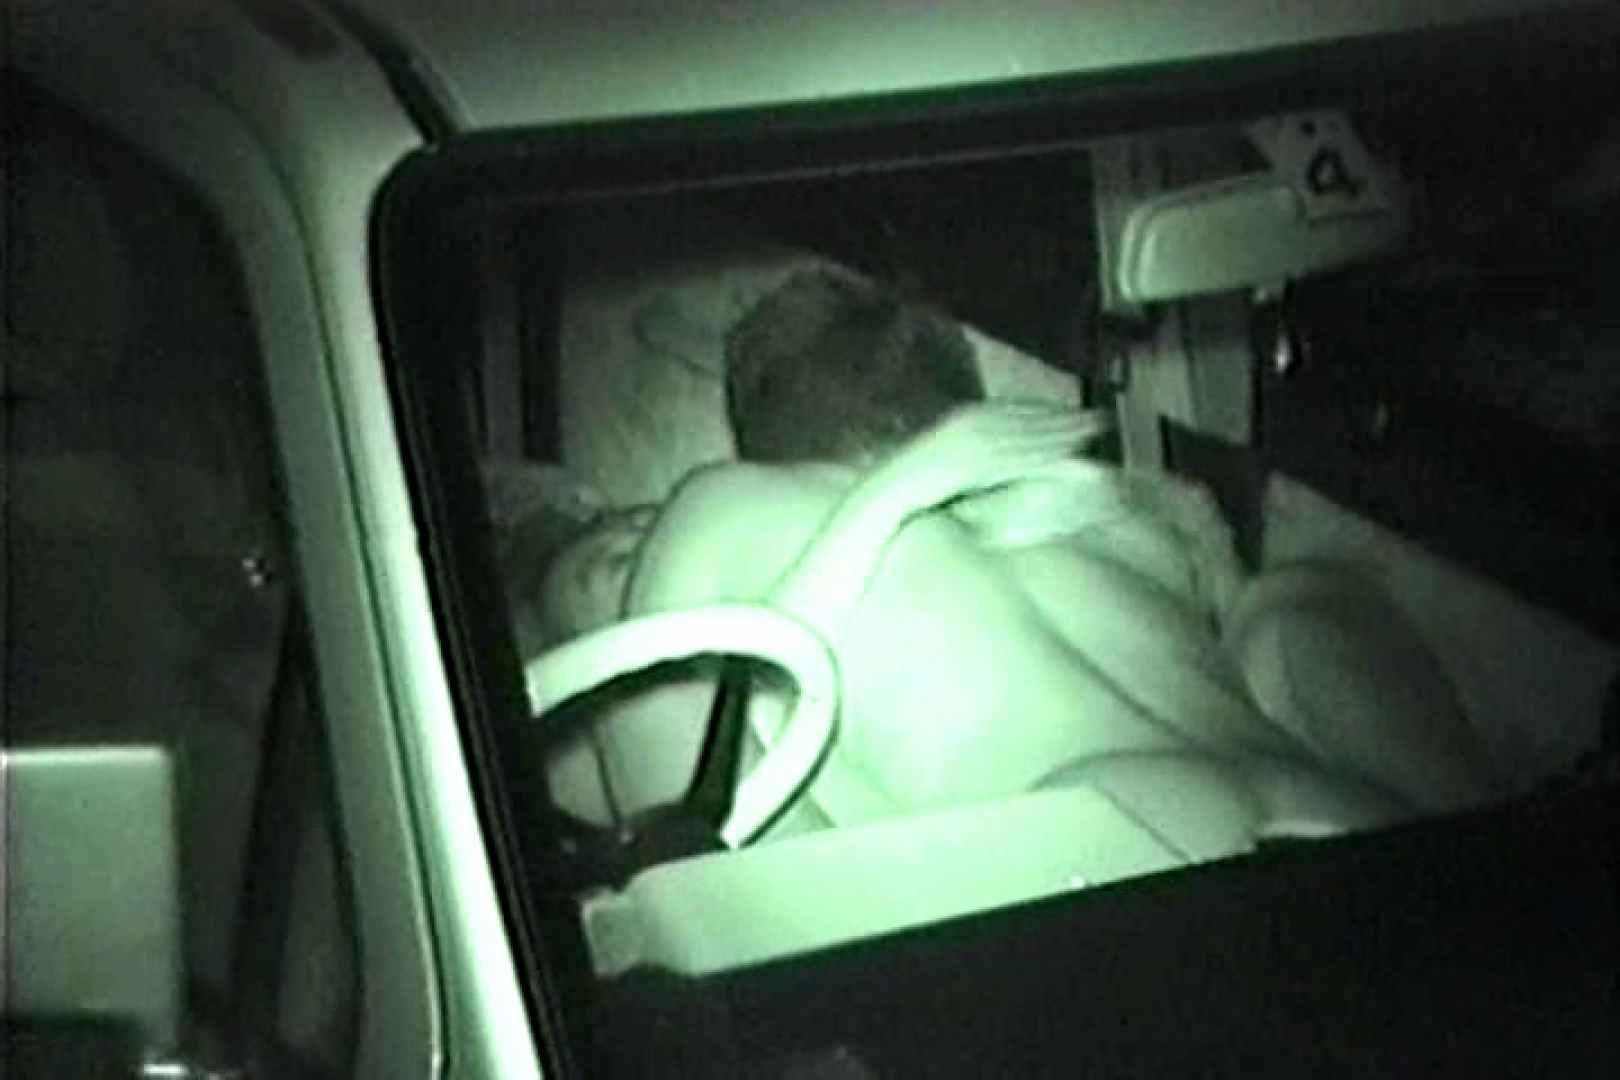 車の中はラブホテル 無修正版  Vol.9 エロティックなOL 性交動画流出 60画像 56